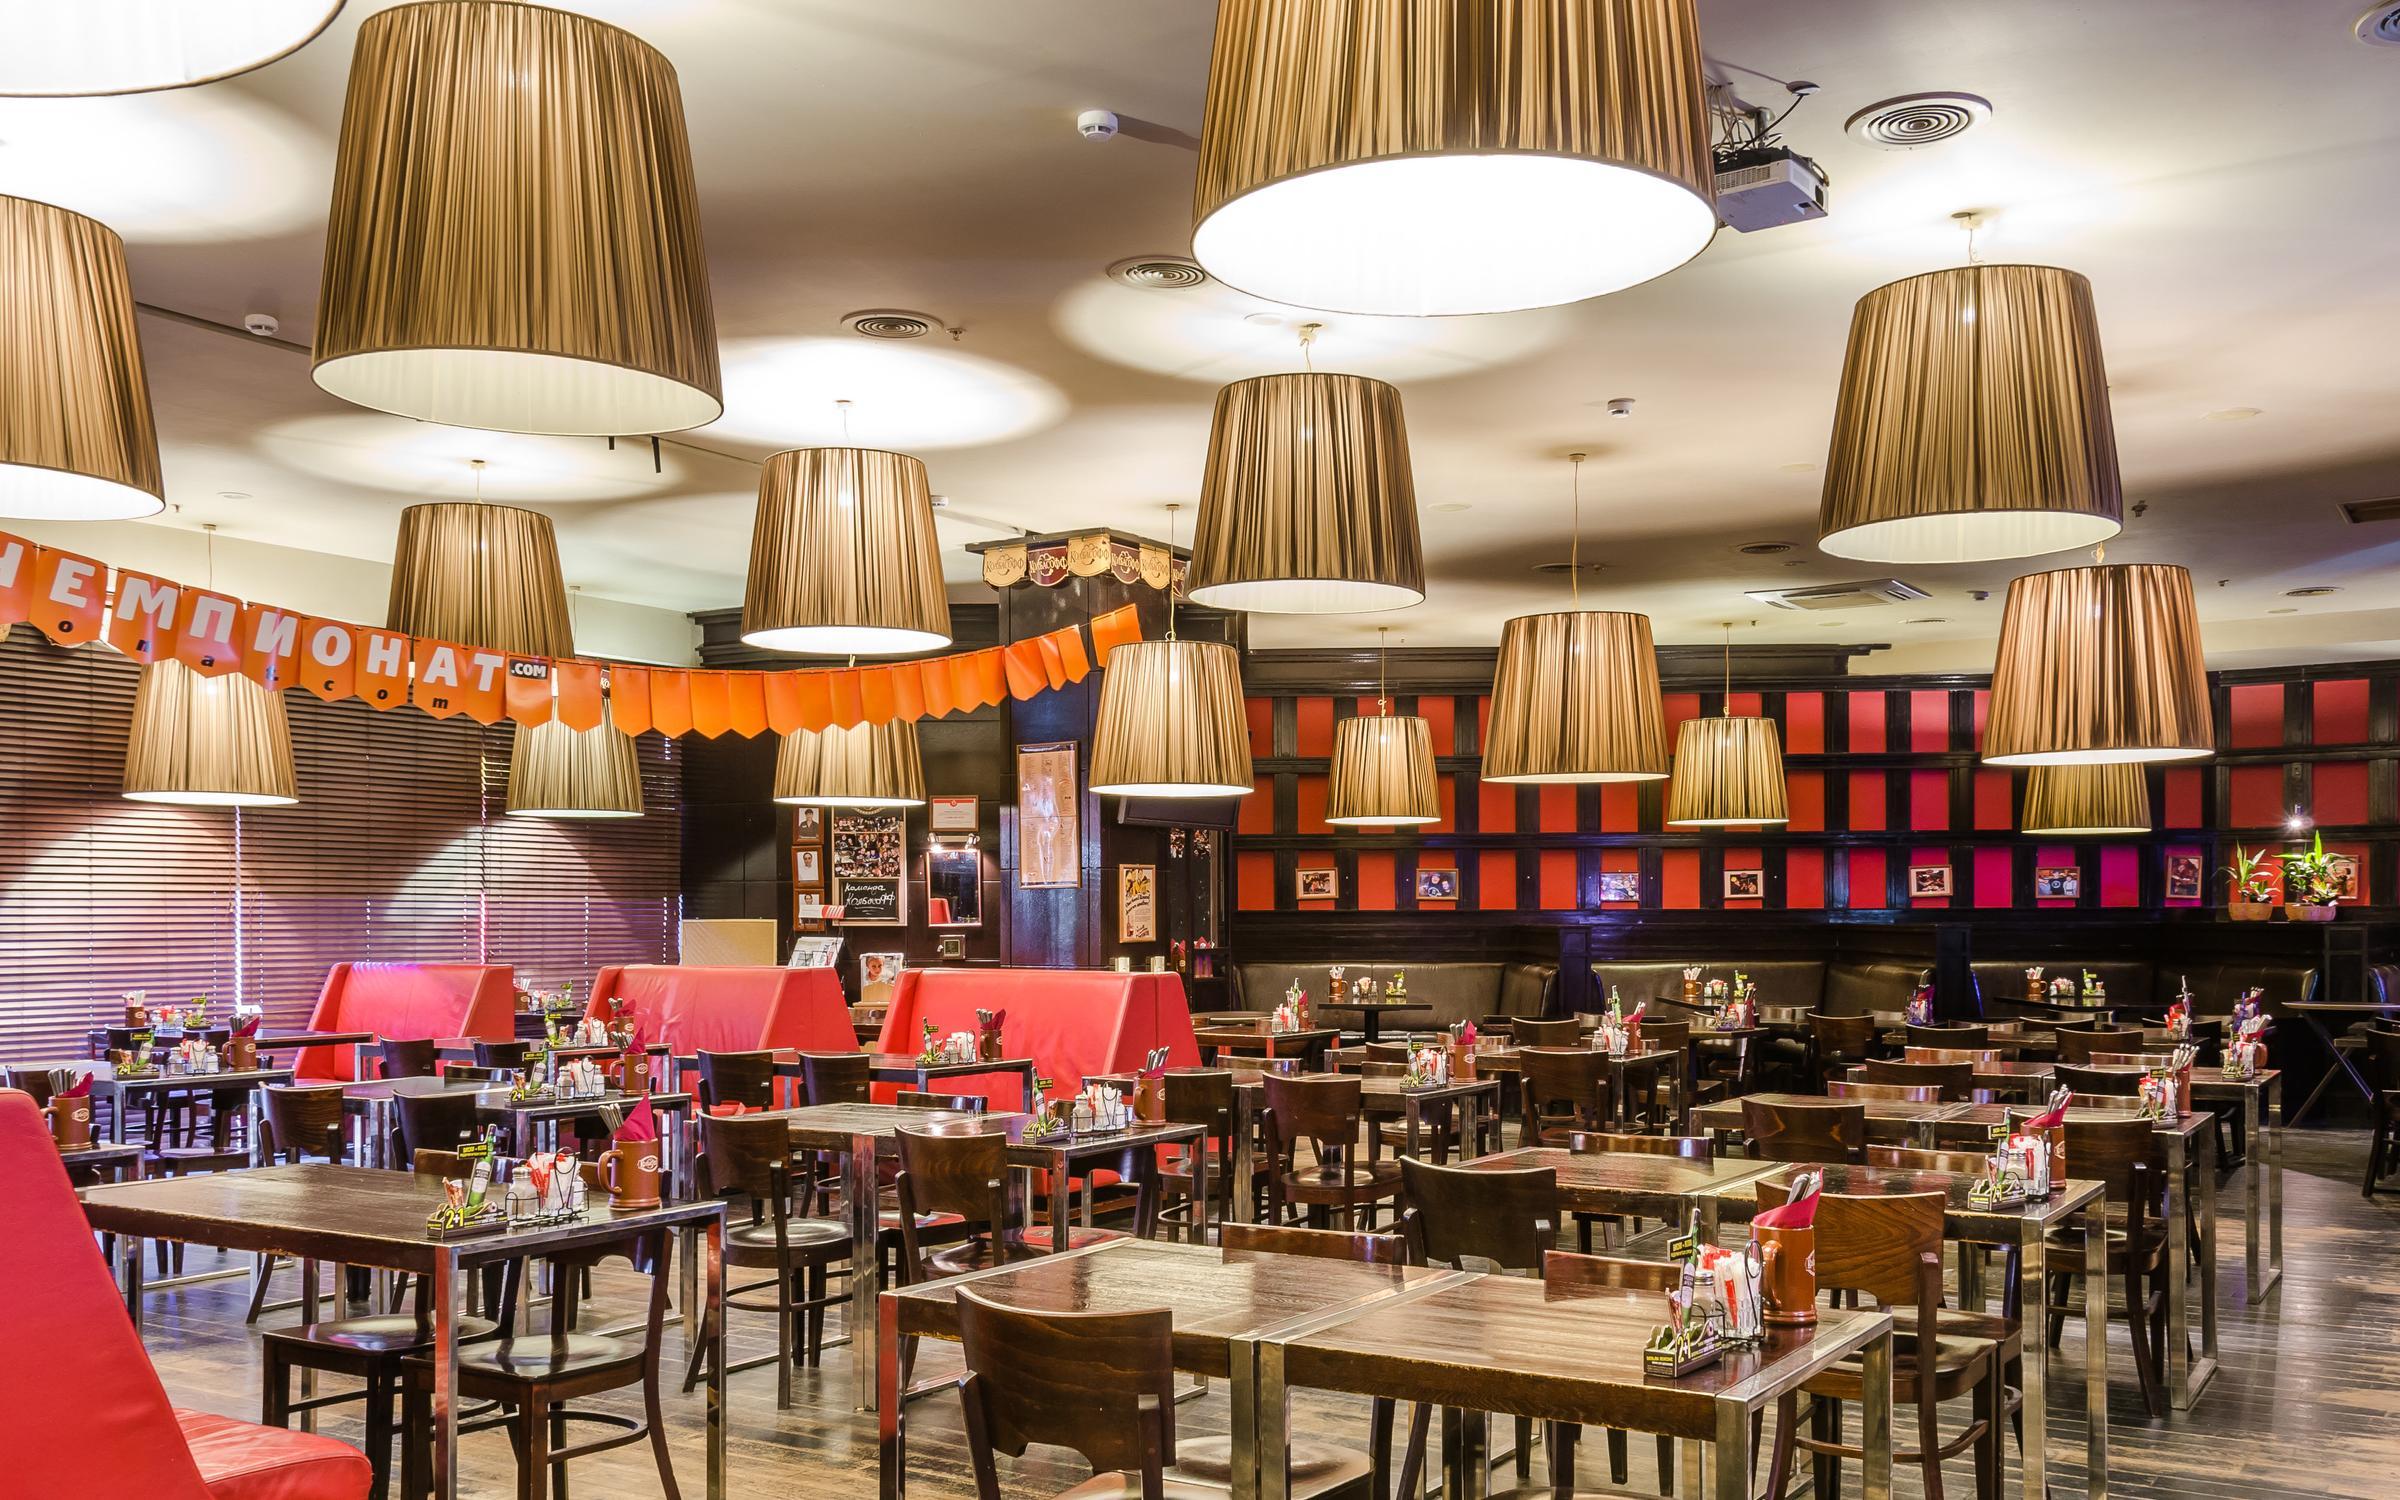 фотография Ресторана Колбасофф в ТЦ Фестиваль на Мичуринском проспекте